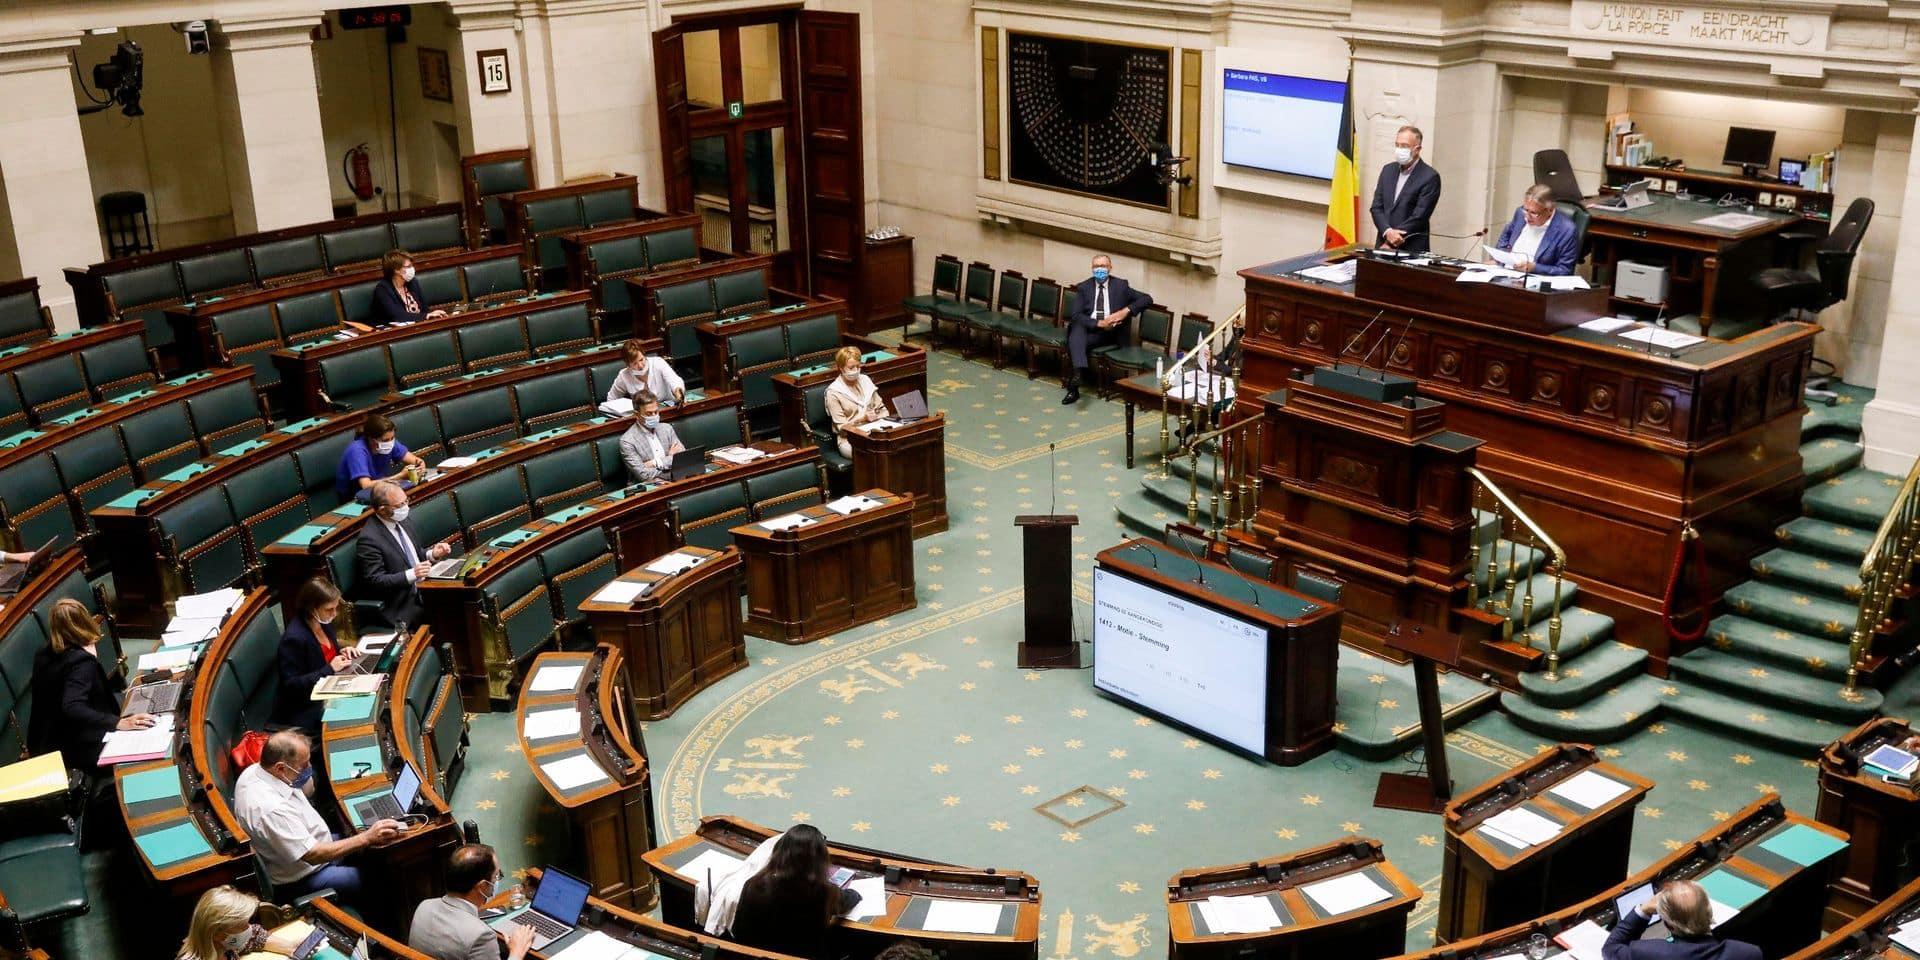 Dépénalisation de l'avortement: CD&V, N-VA et Vlaams Belang obtiennent le renvoi au Conseil d'Etat, le vote reporté à la rentrée